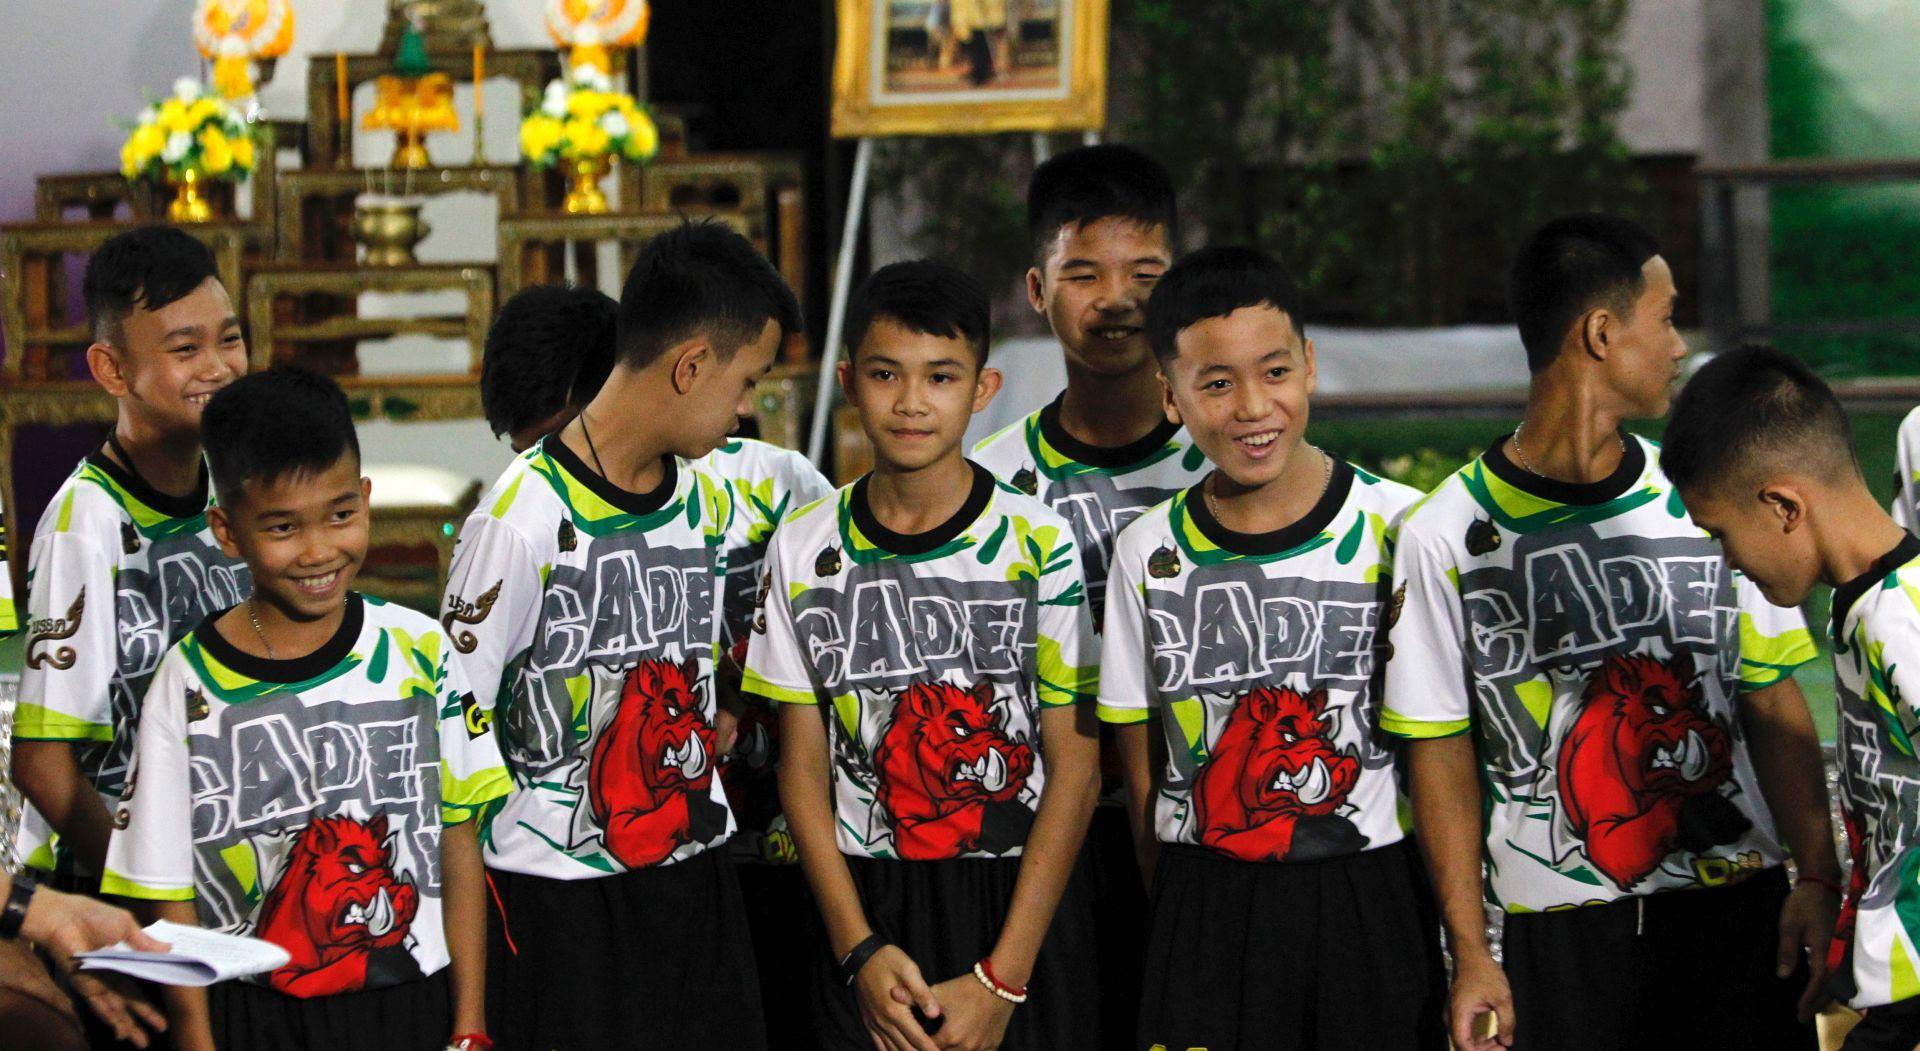 """Tajlandski dječaci izašli iz bolnice: """"Nisam vjerovao da je netko tamo"""""""